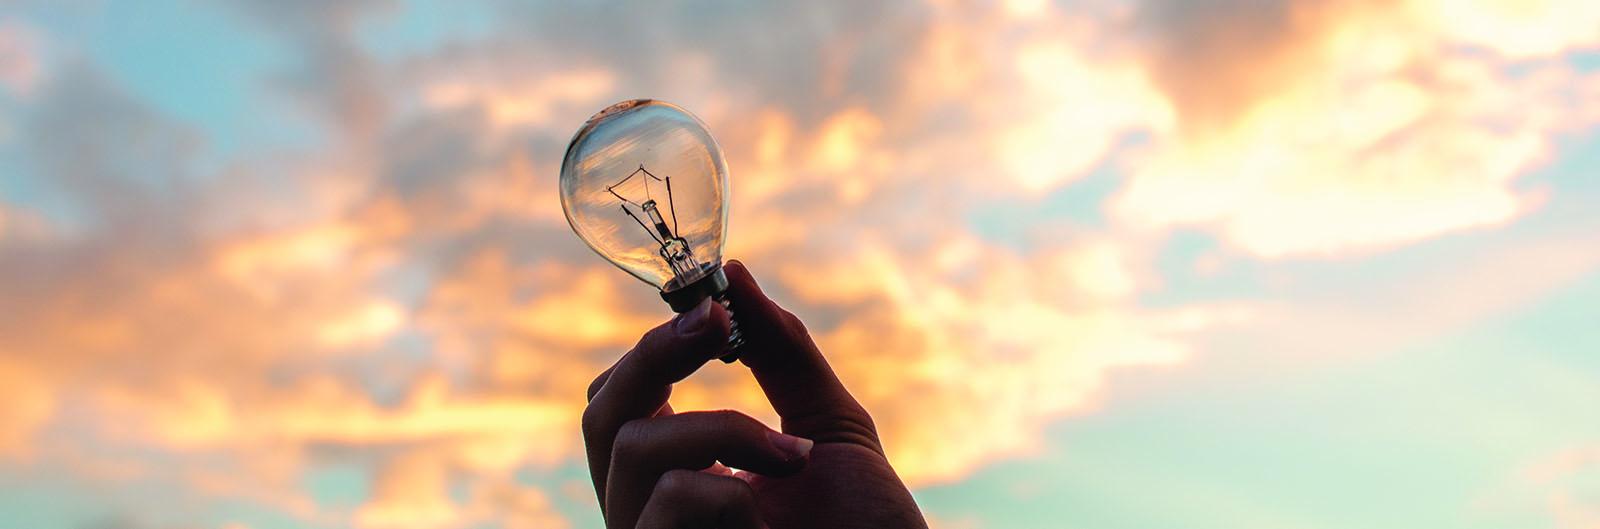 Coup d'œil à l'international sur 6 stratégies promotionnelles innovantes